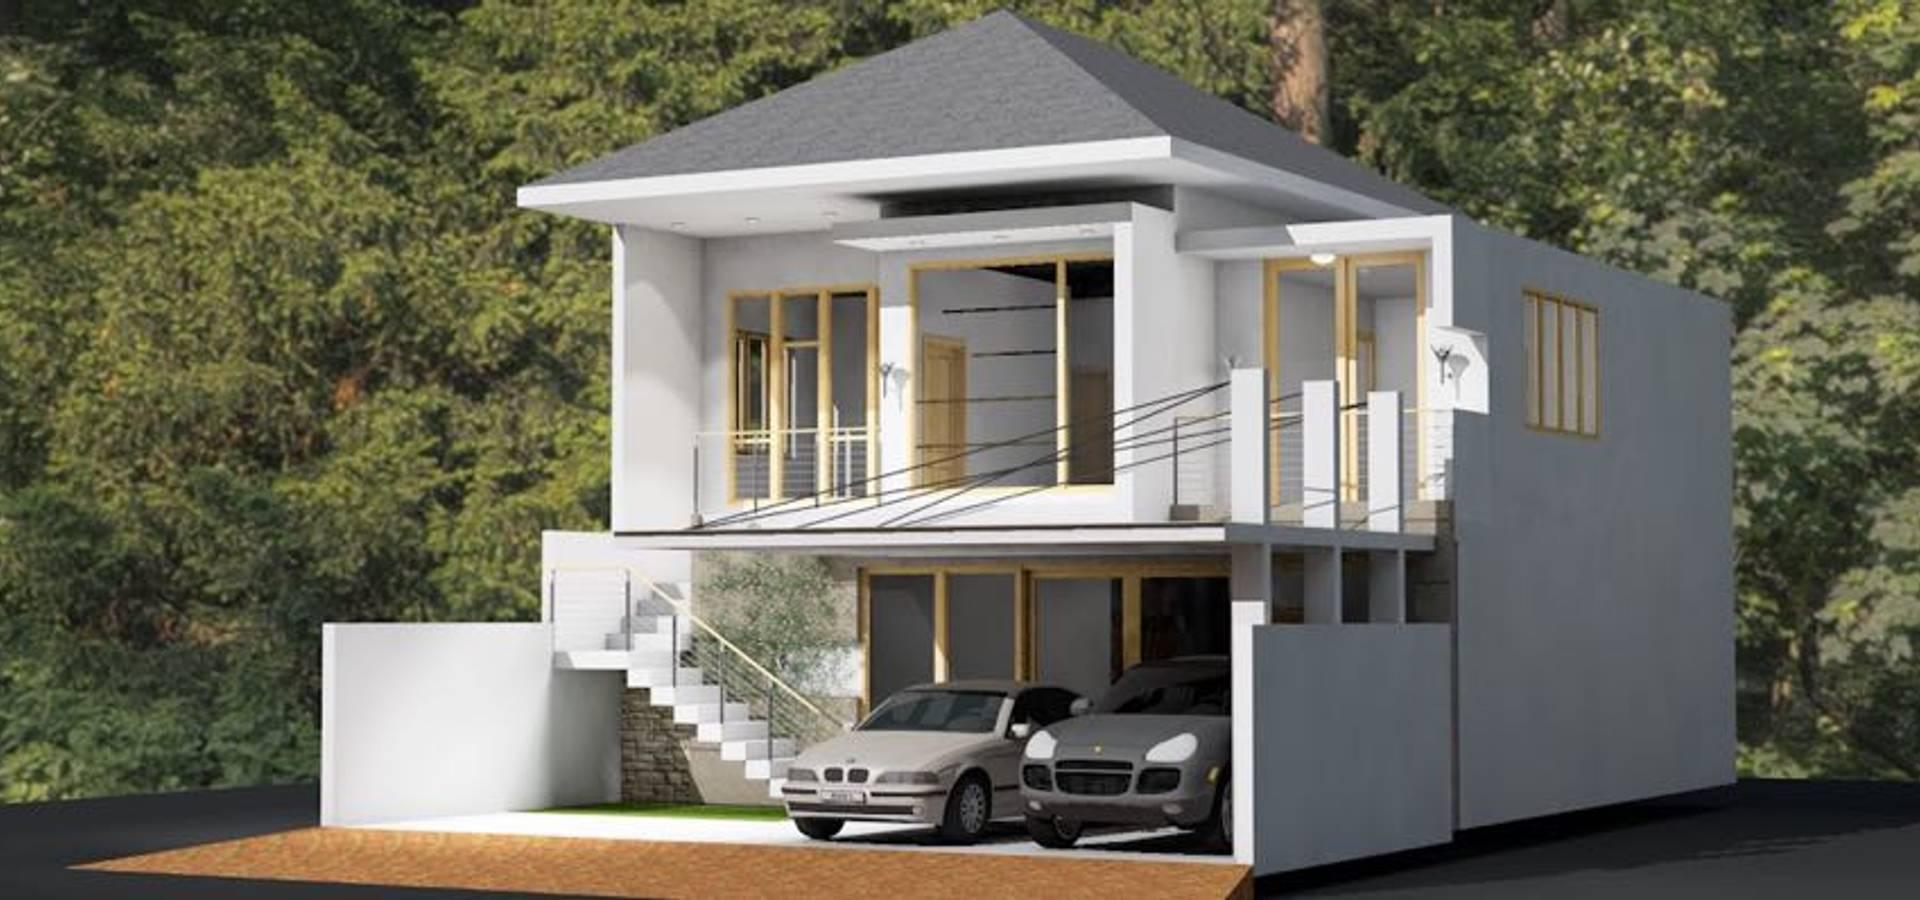 R.n.R Design